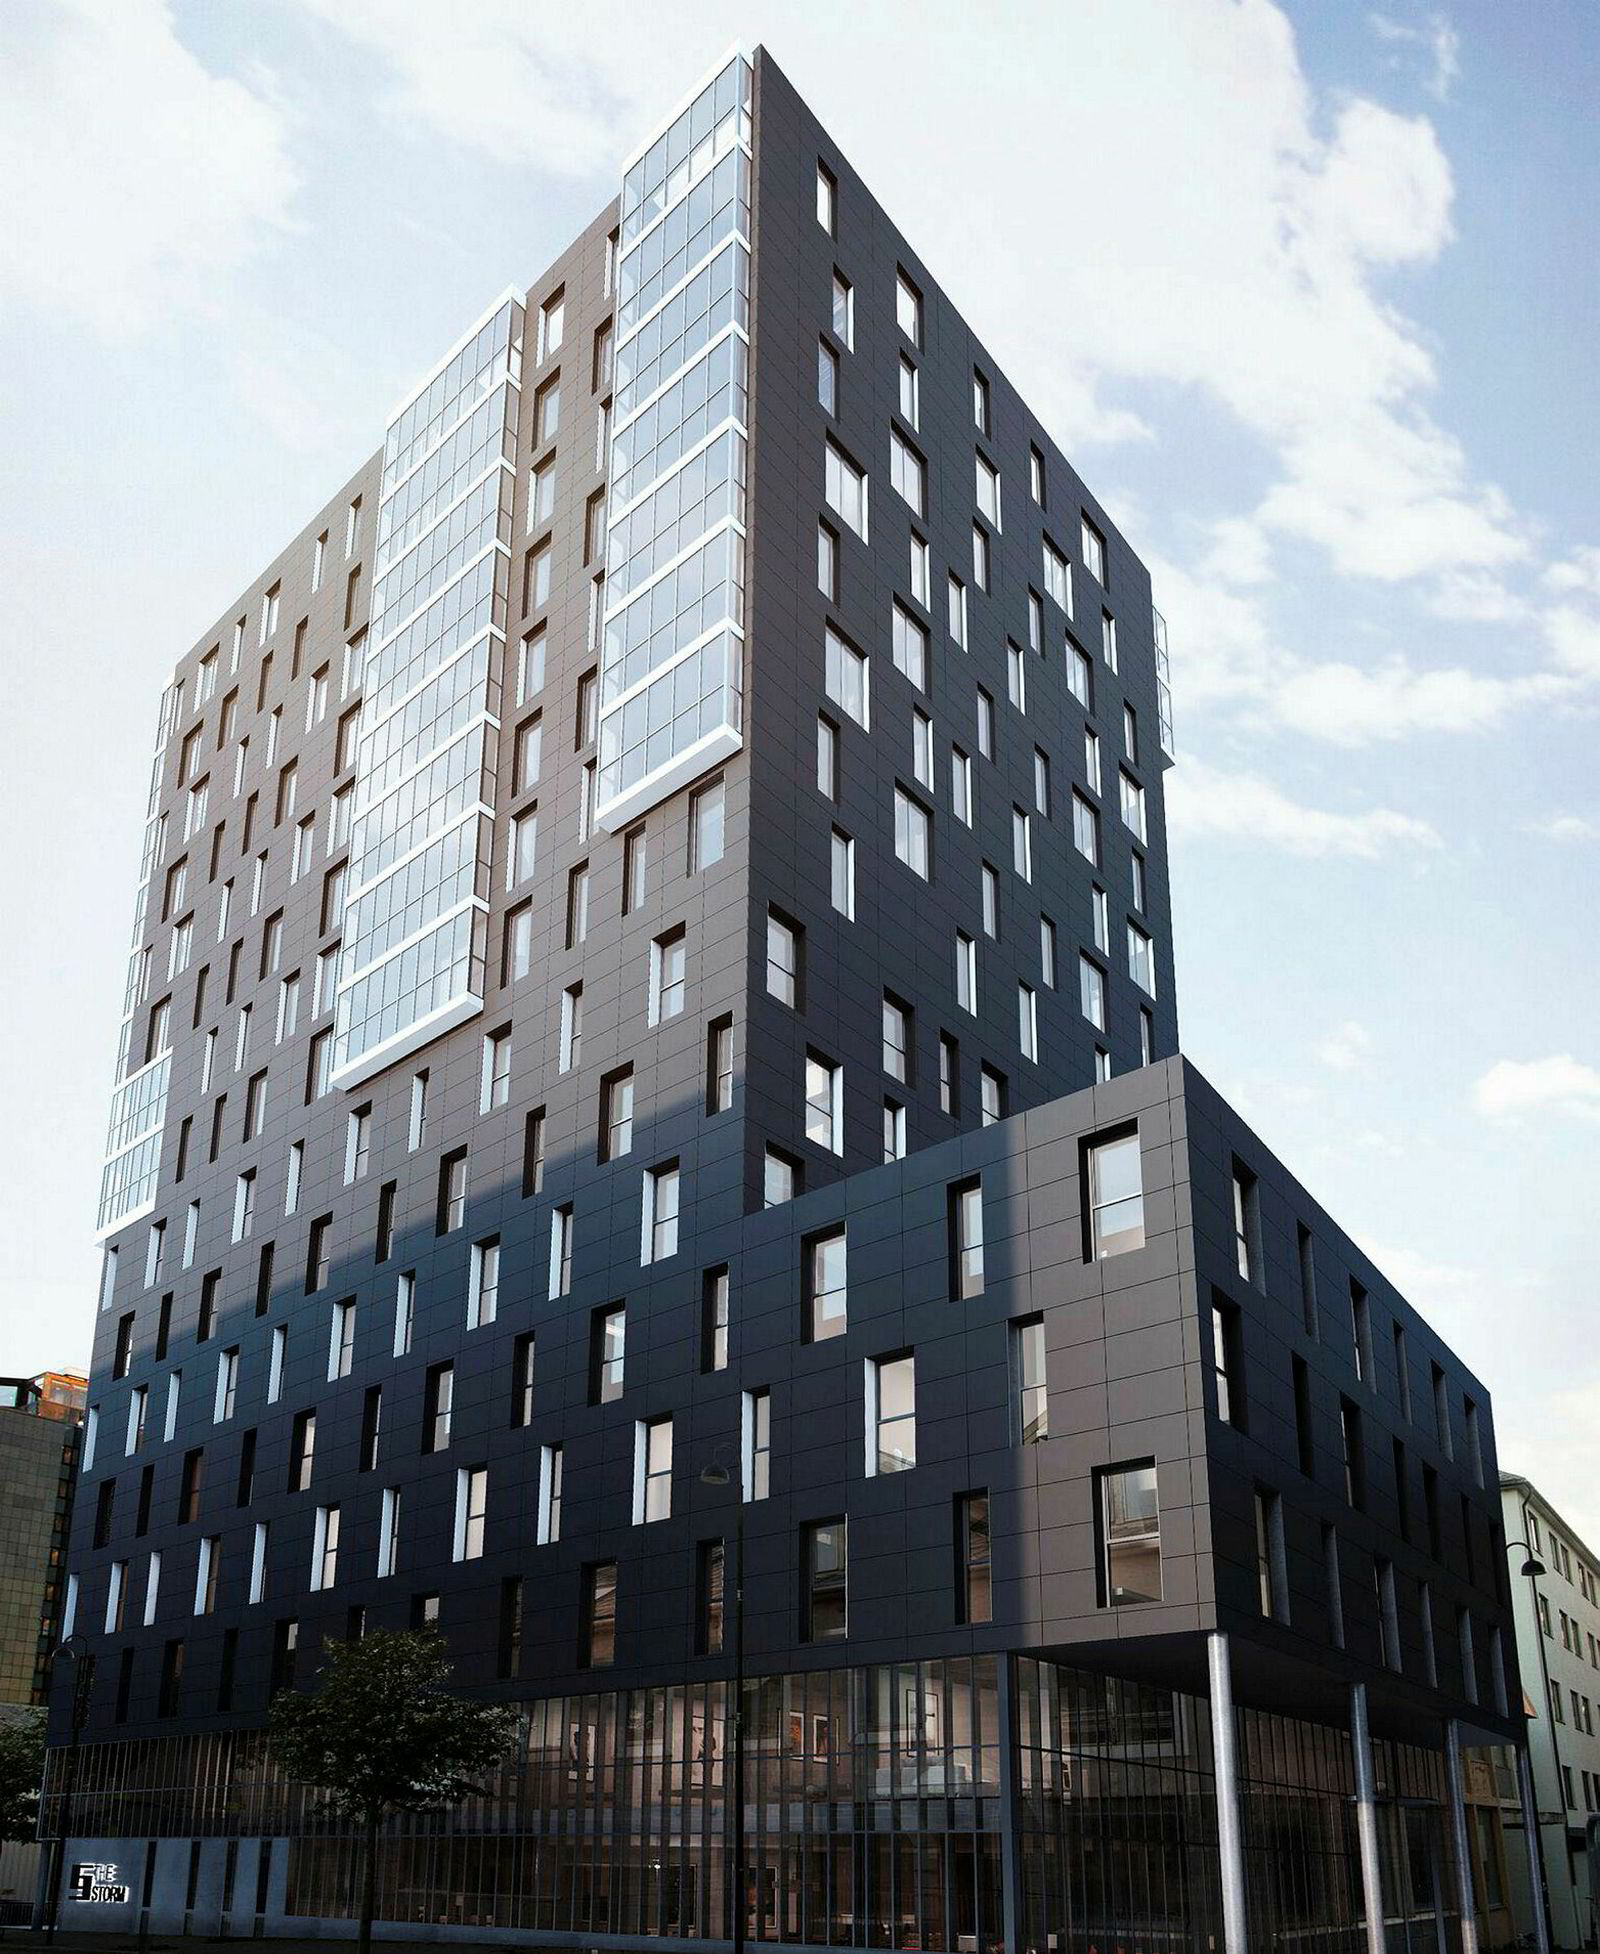 Norlandia Hotel Group skal drive dette nye hotellet i Bodø, som har fått arbeidstittel «The Storm», på franchise med Petter A. Stordalens Nordic Choice. Hotellet får 160 rom og blir en del av Stordalens Comfort-kjede.